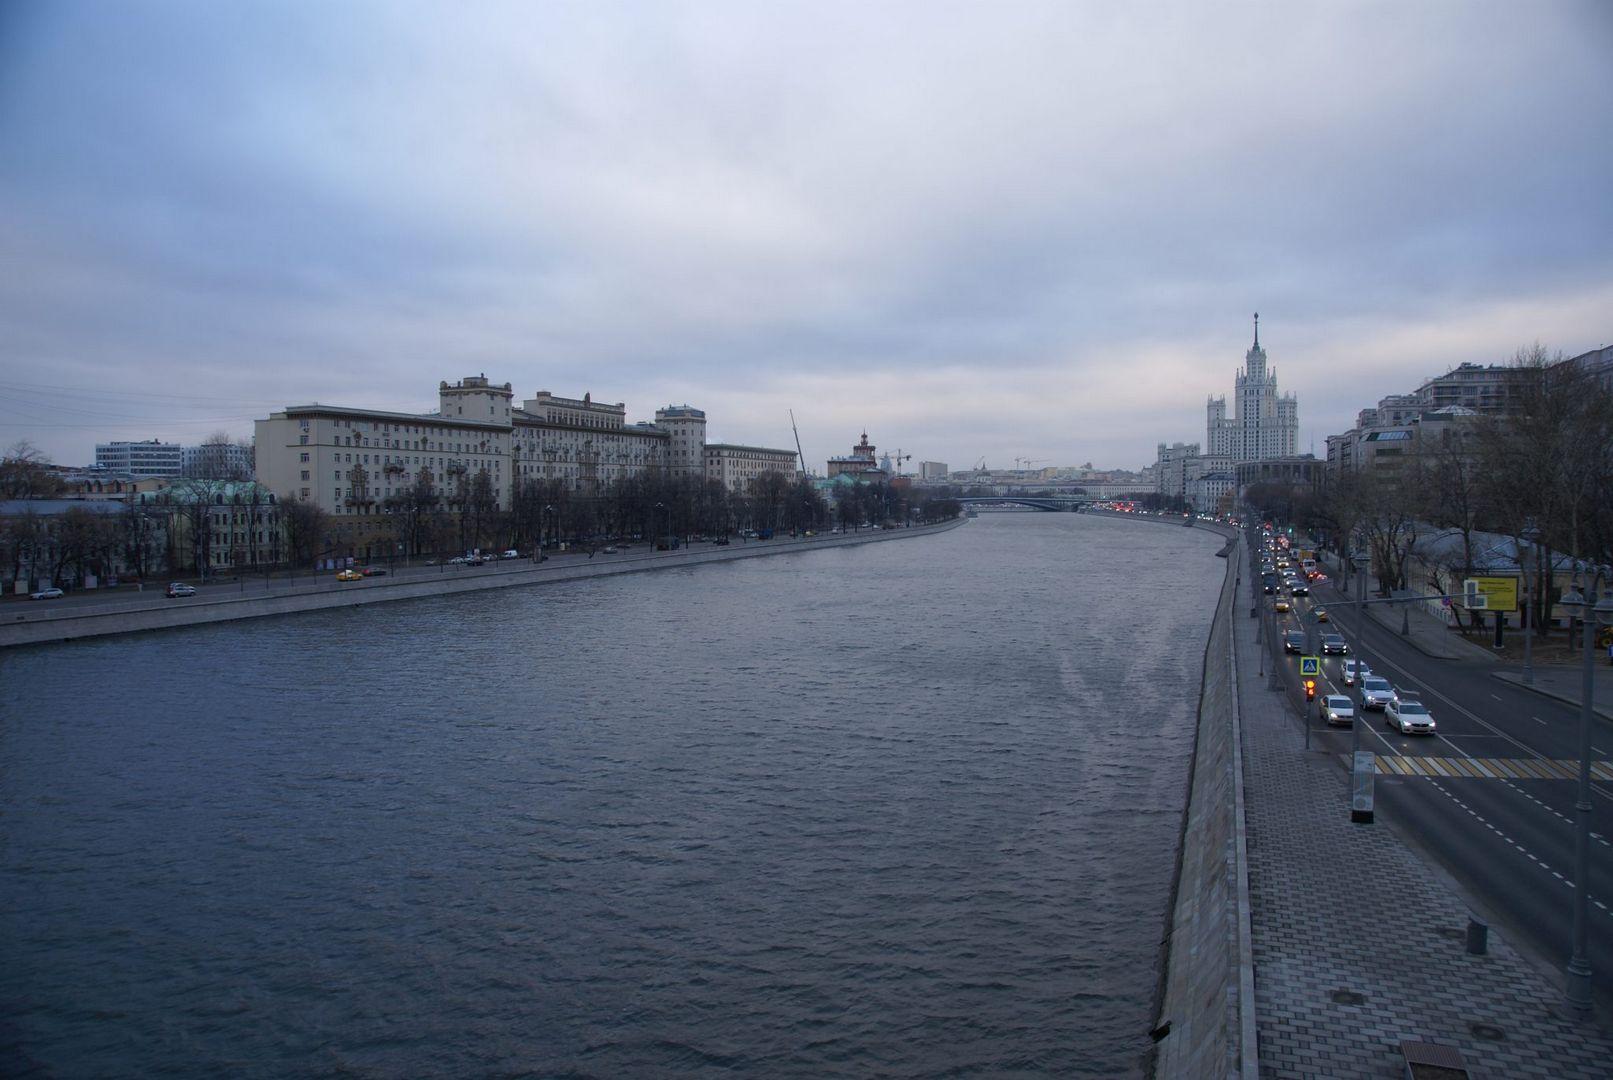 фотографии овчинниковской набережной в москве подписи